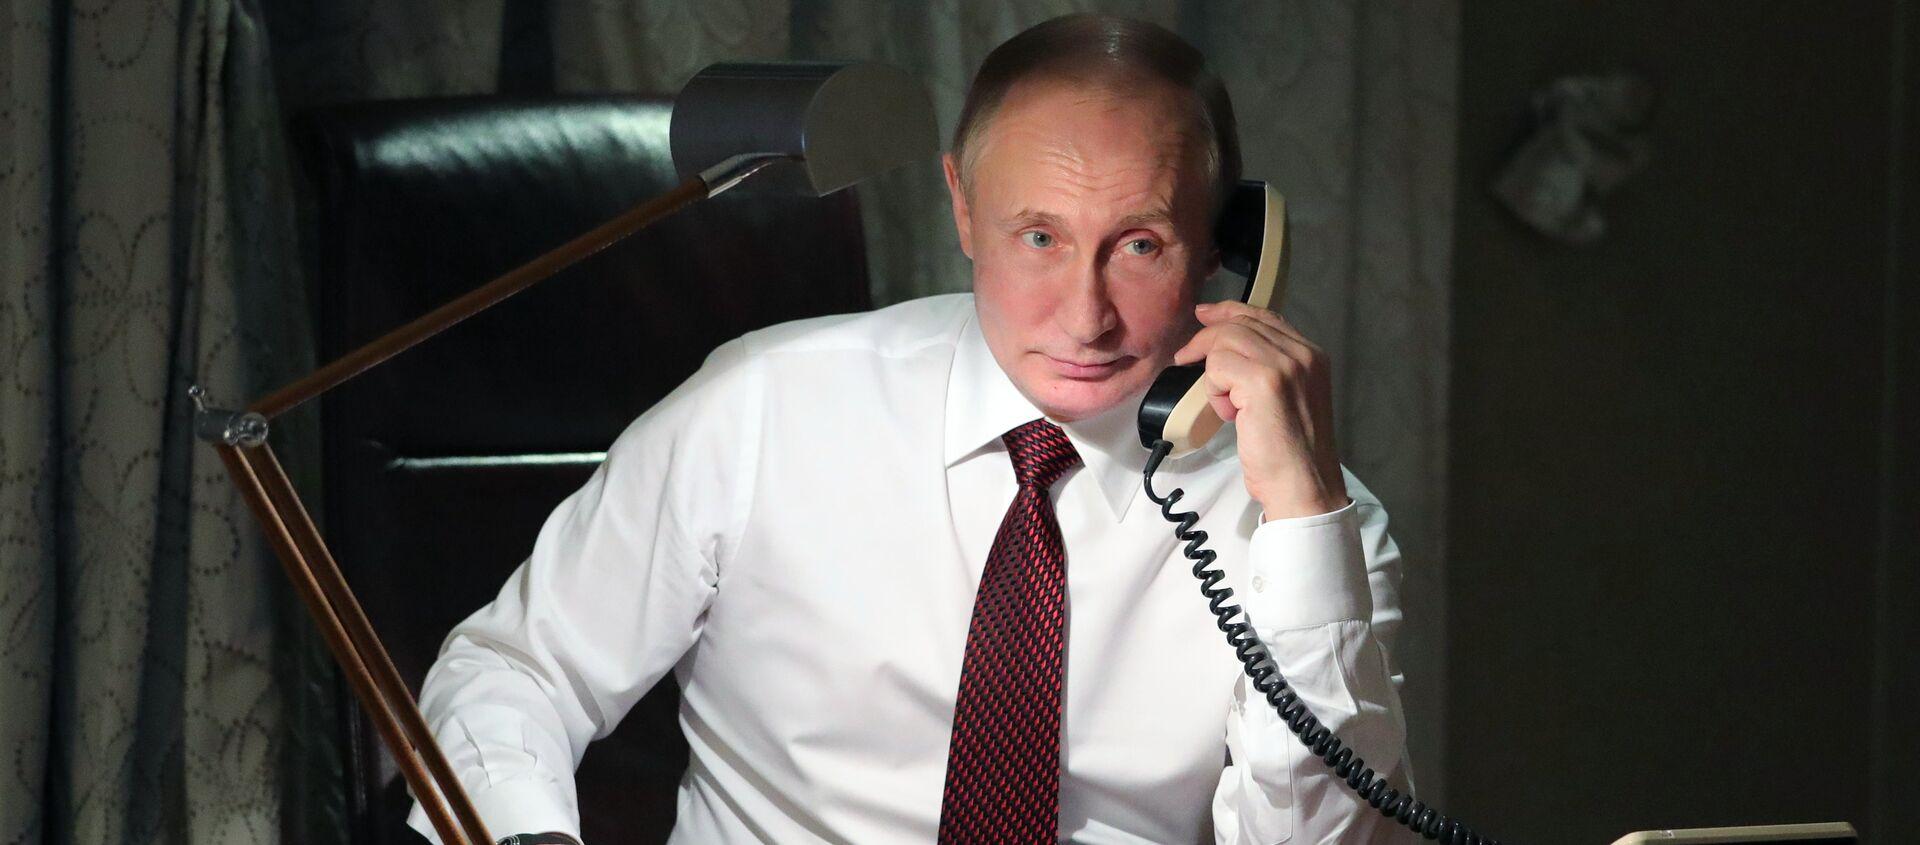 Vladímir Putin, presidente de Rusia, al teléfono - Sputnik Mundo, 1920, 12.12.2018